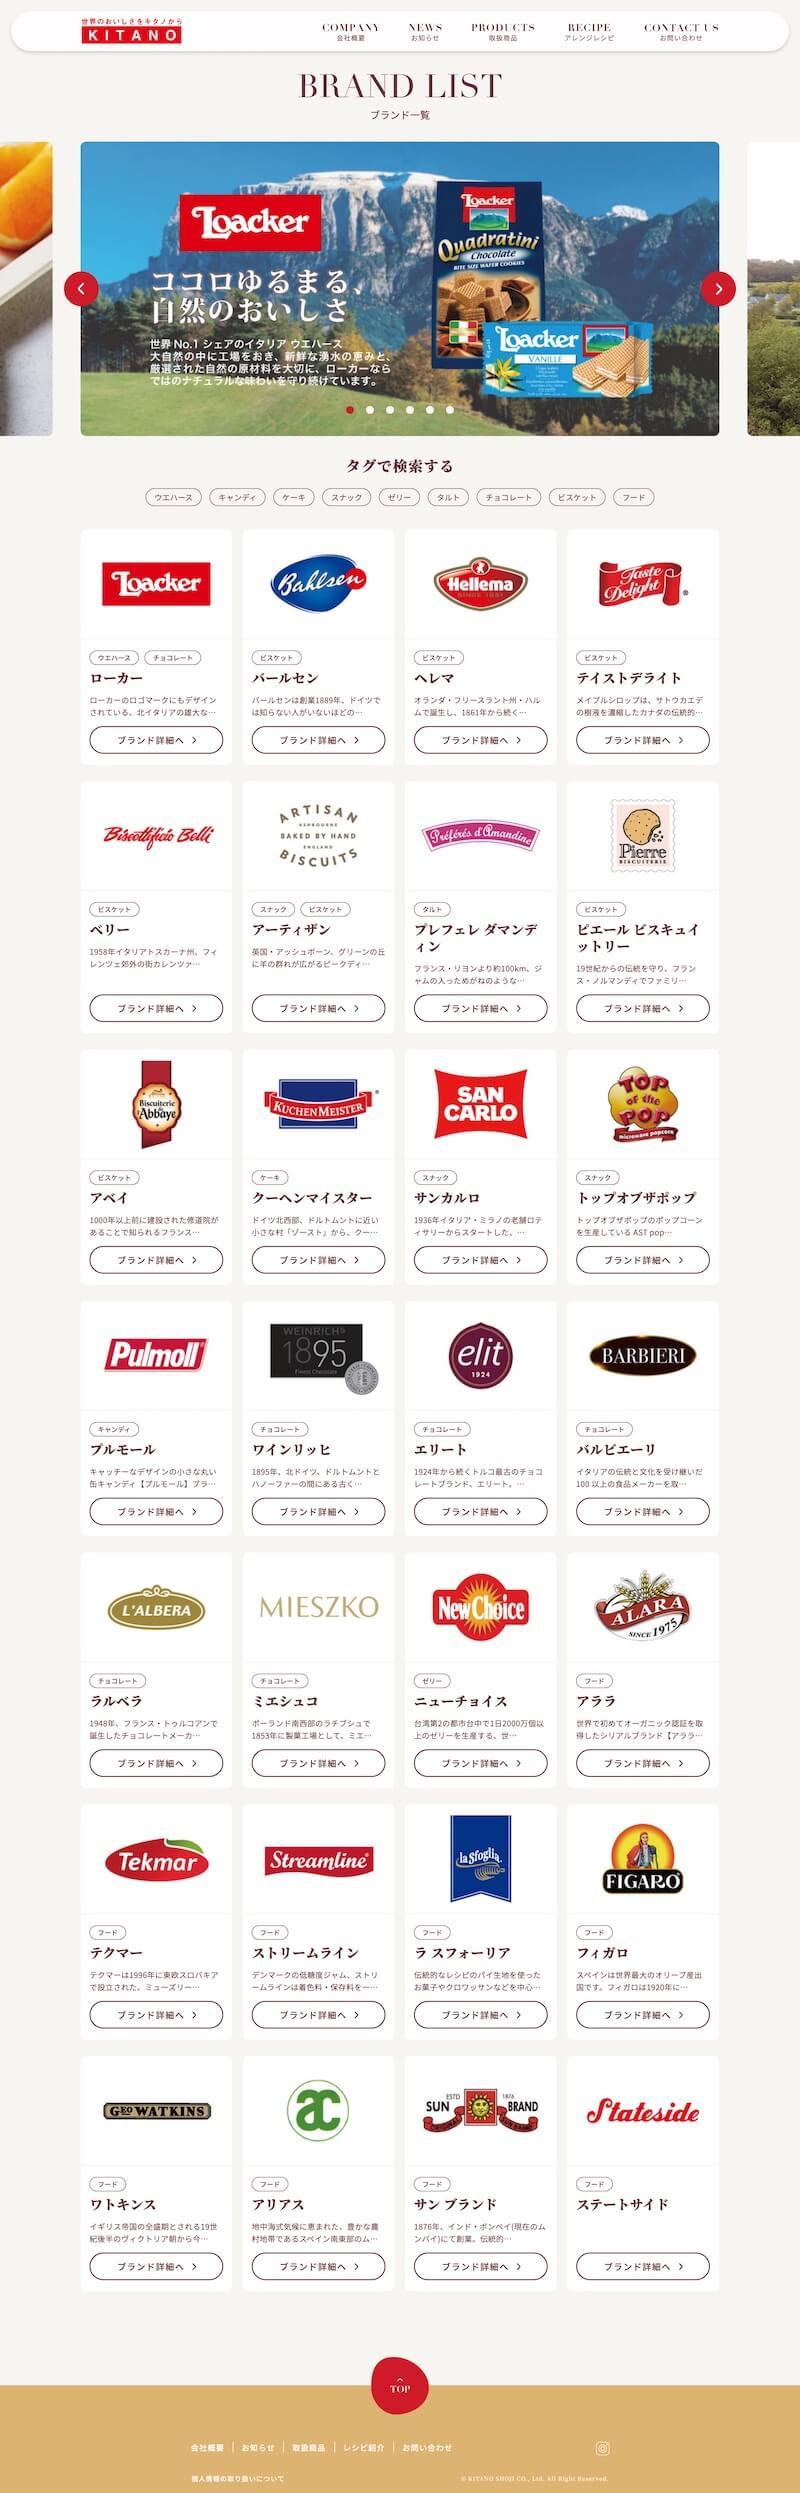 キタノ商事_ブランドリストページキャプチャ画像